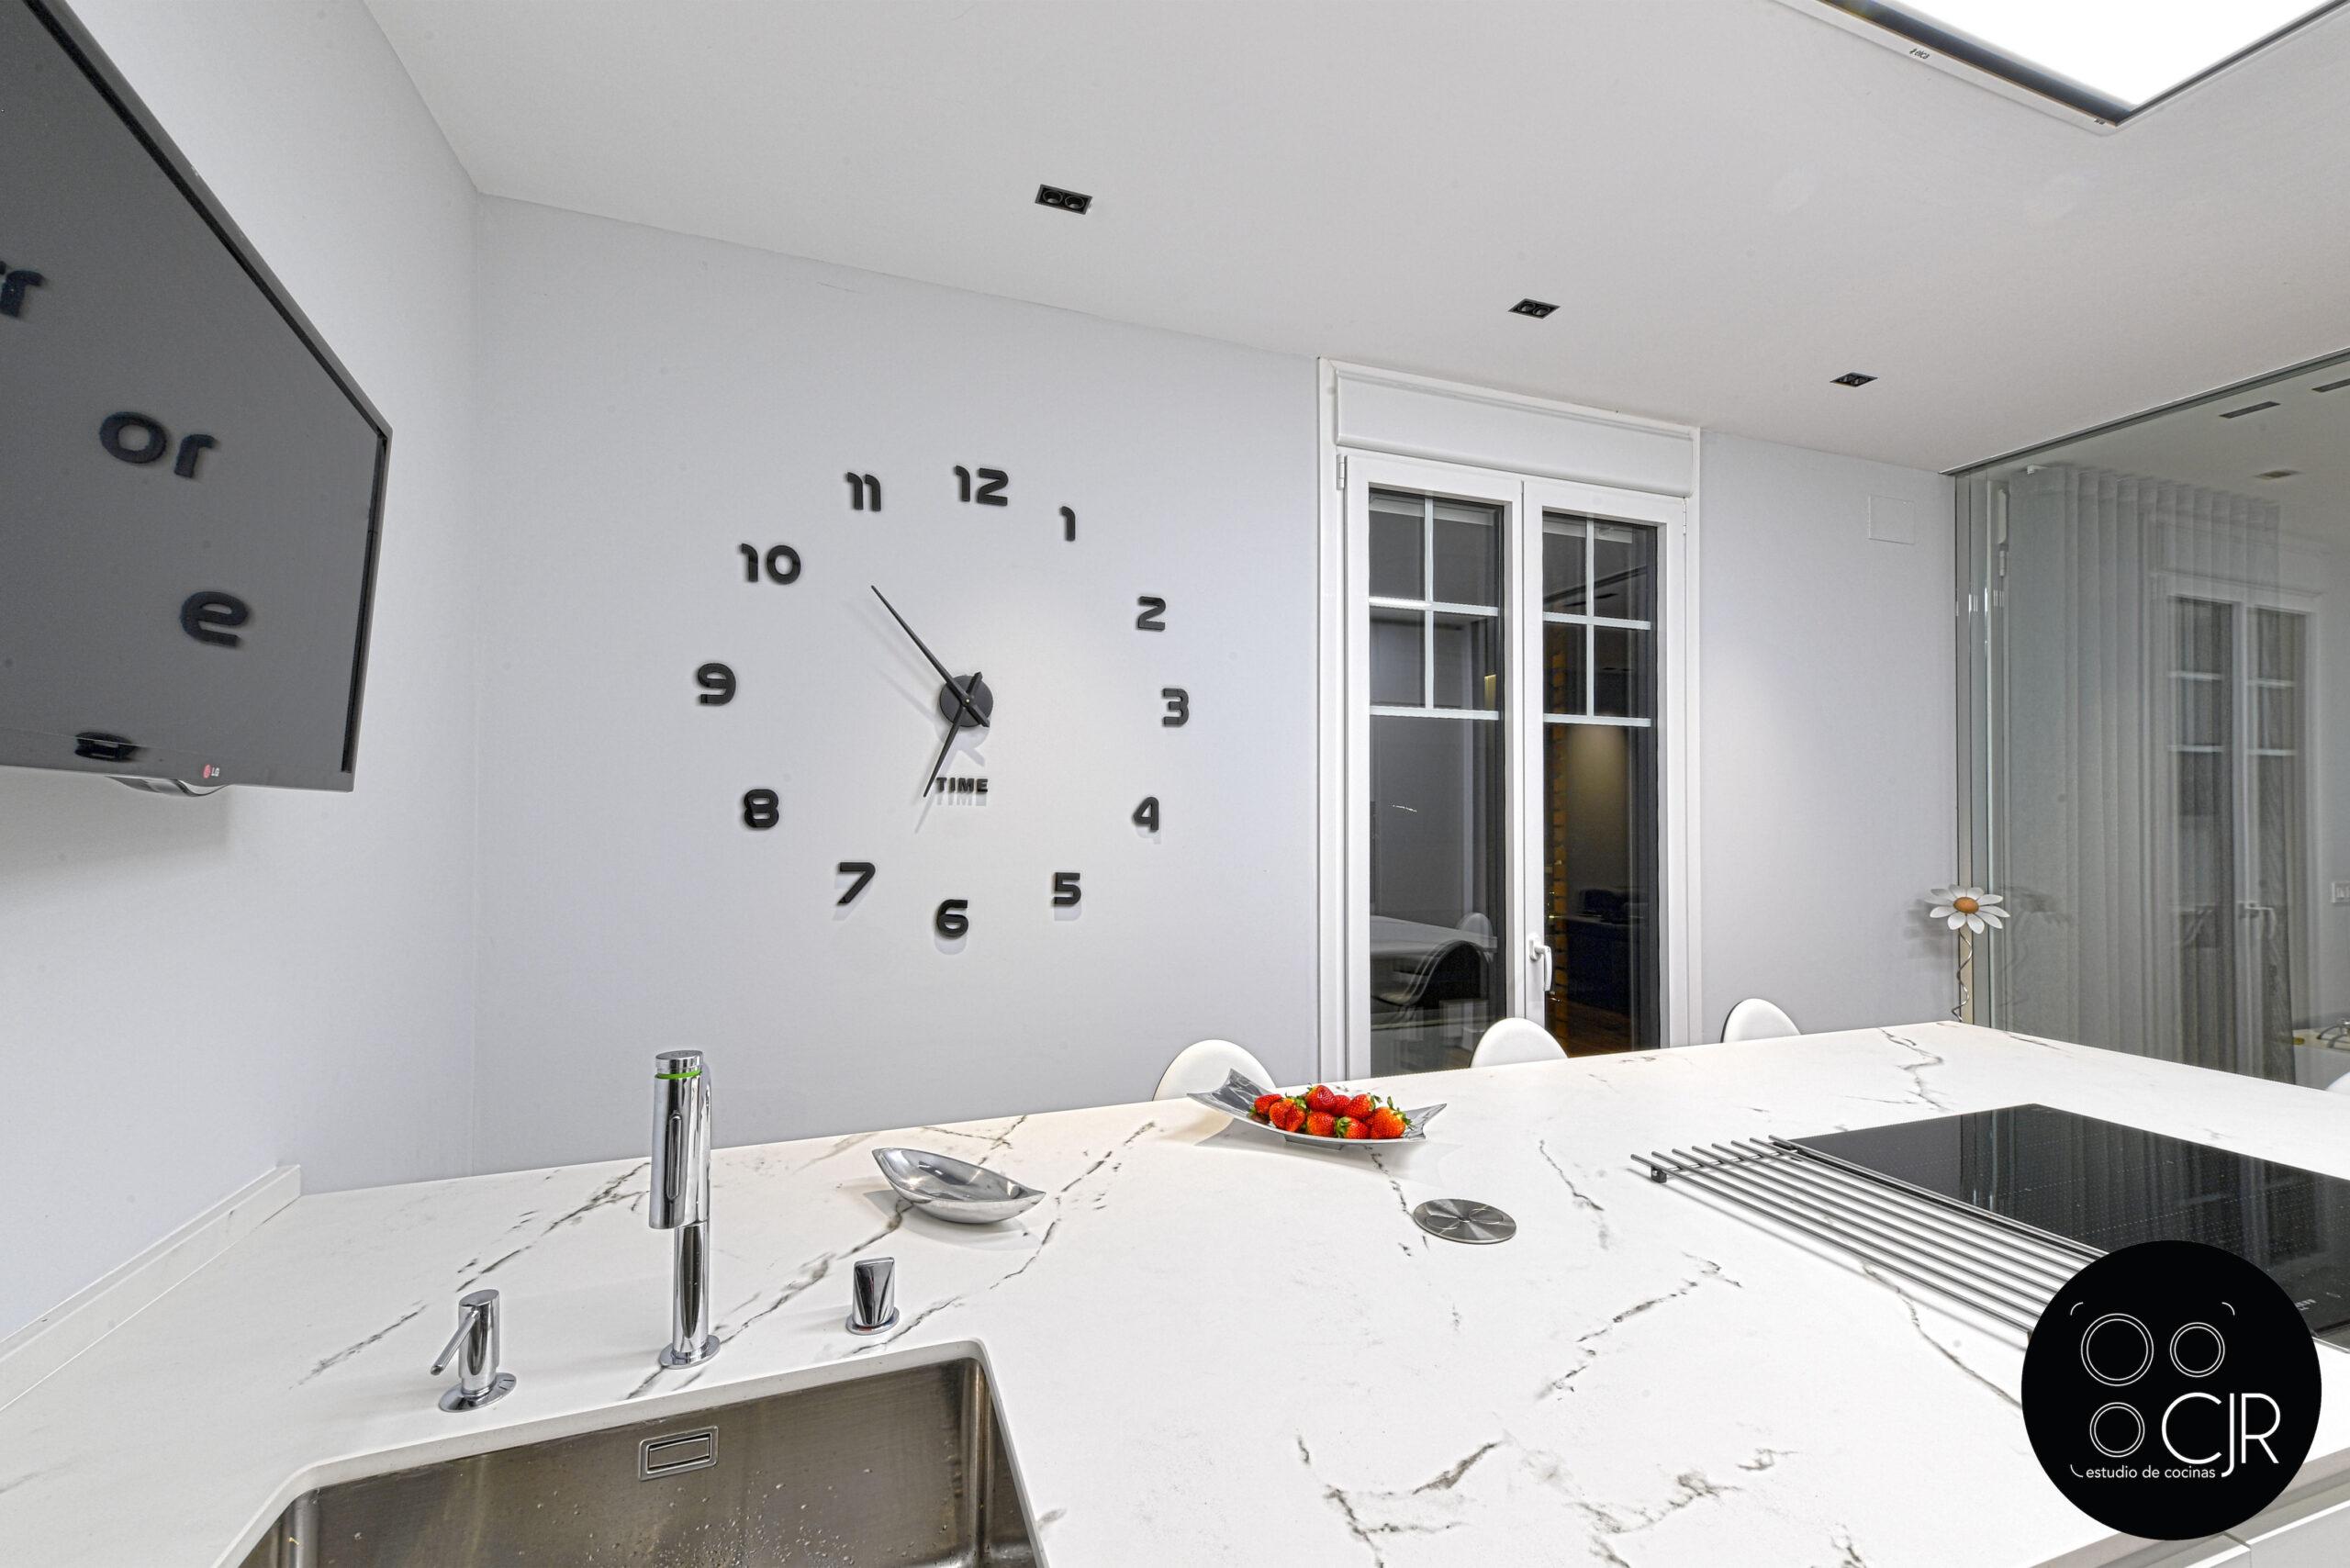 Encimera y pared de cocina blanca mate sin tiradores